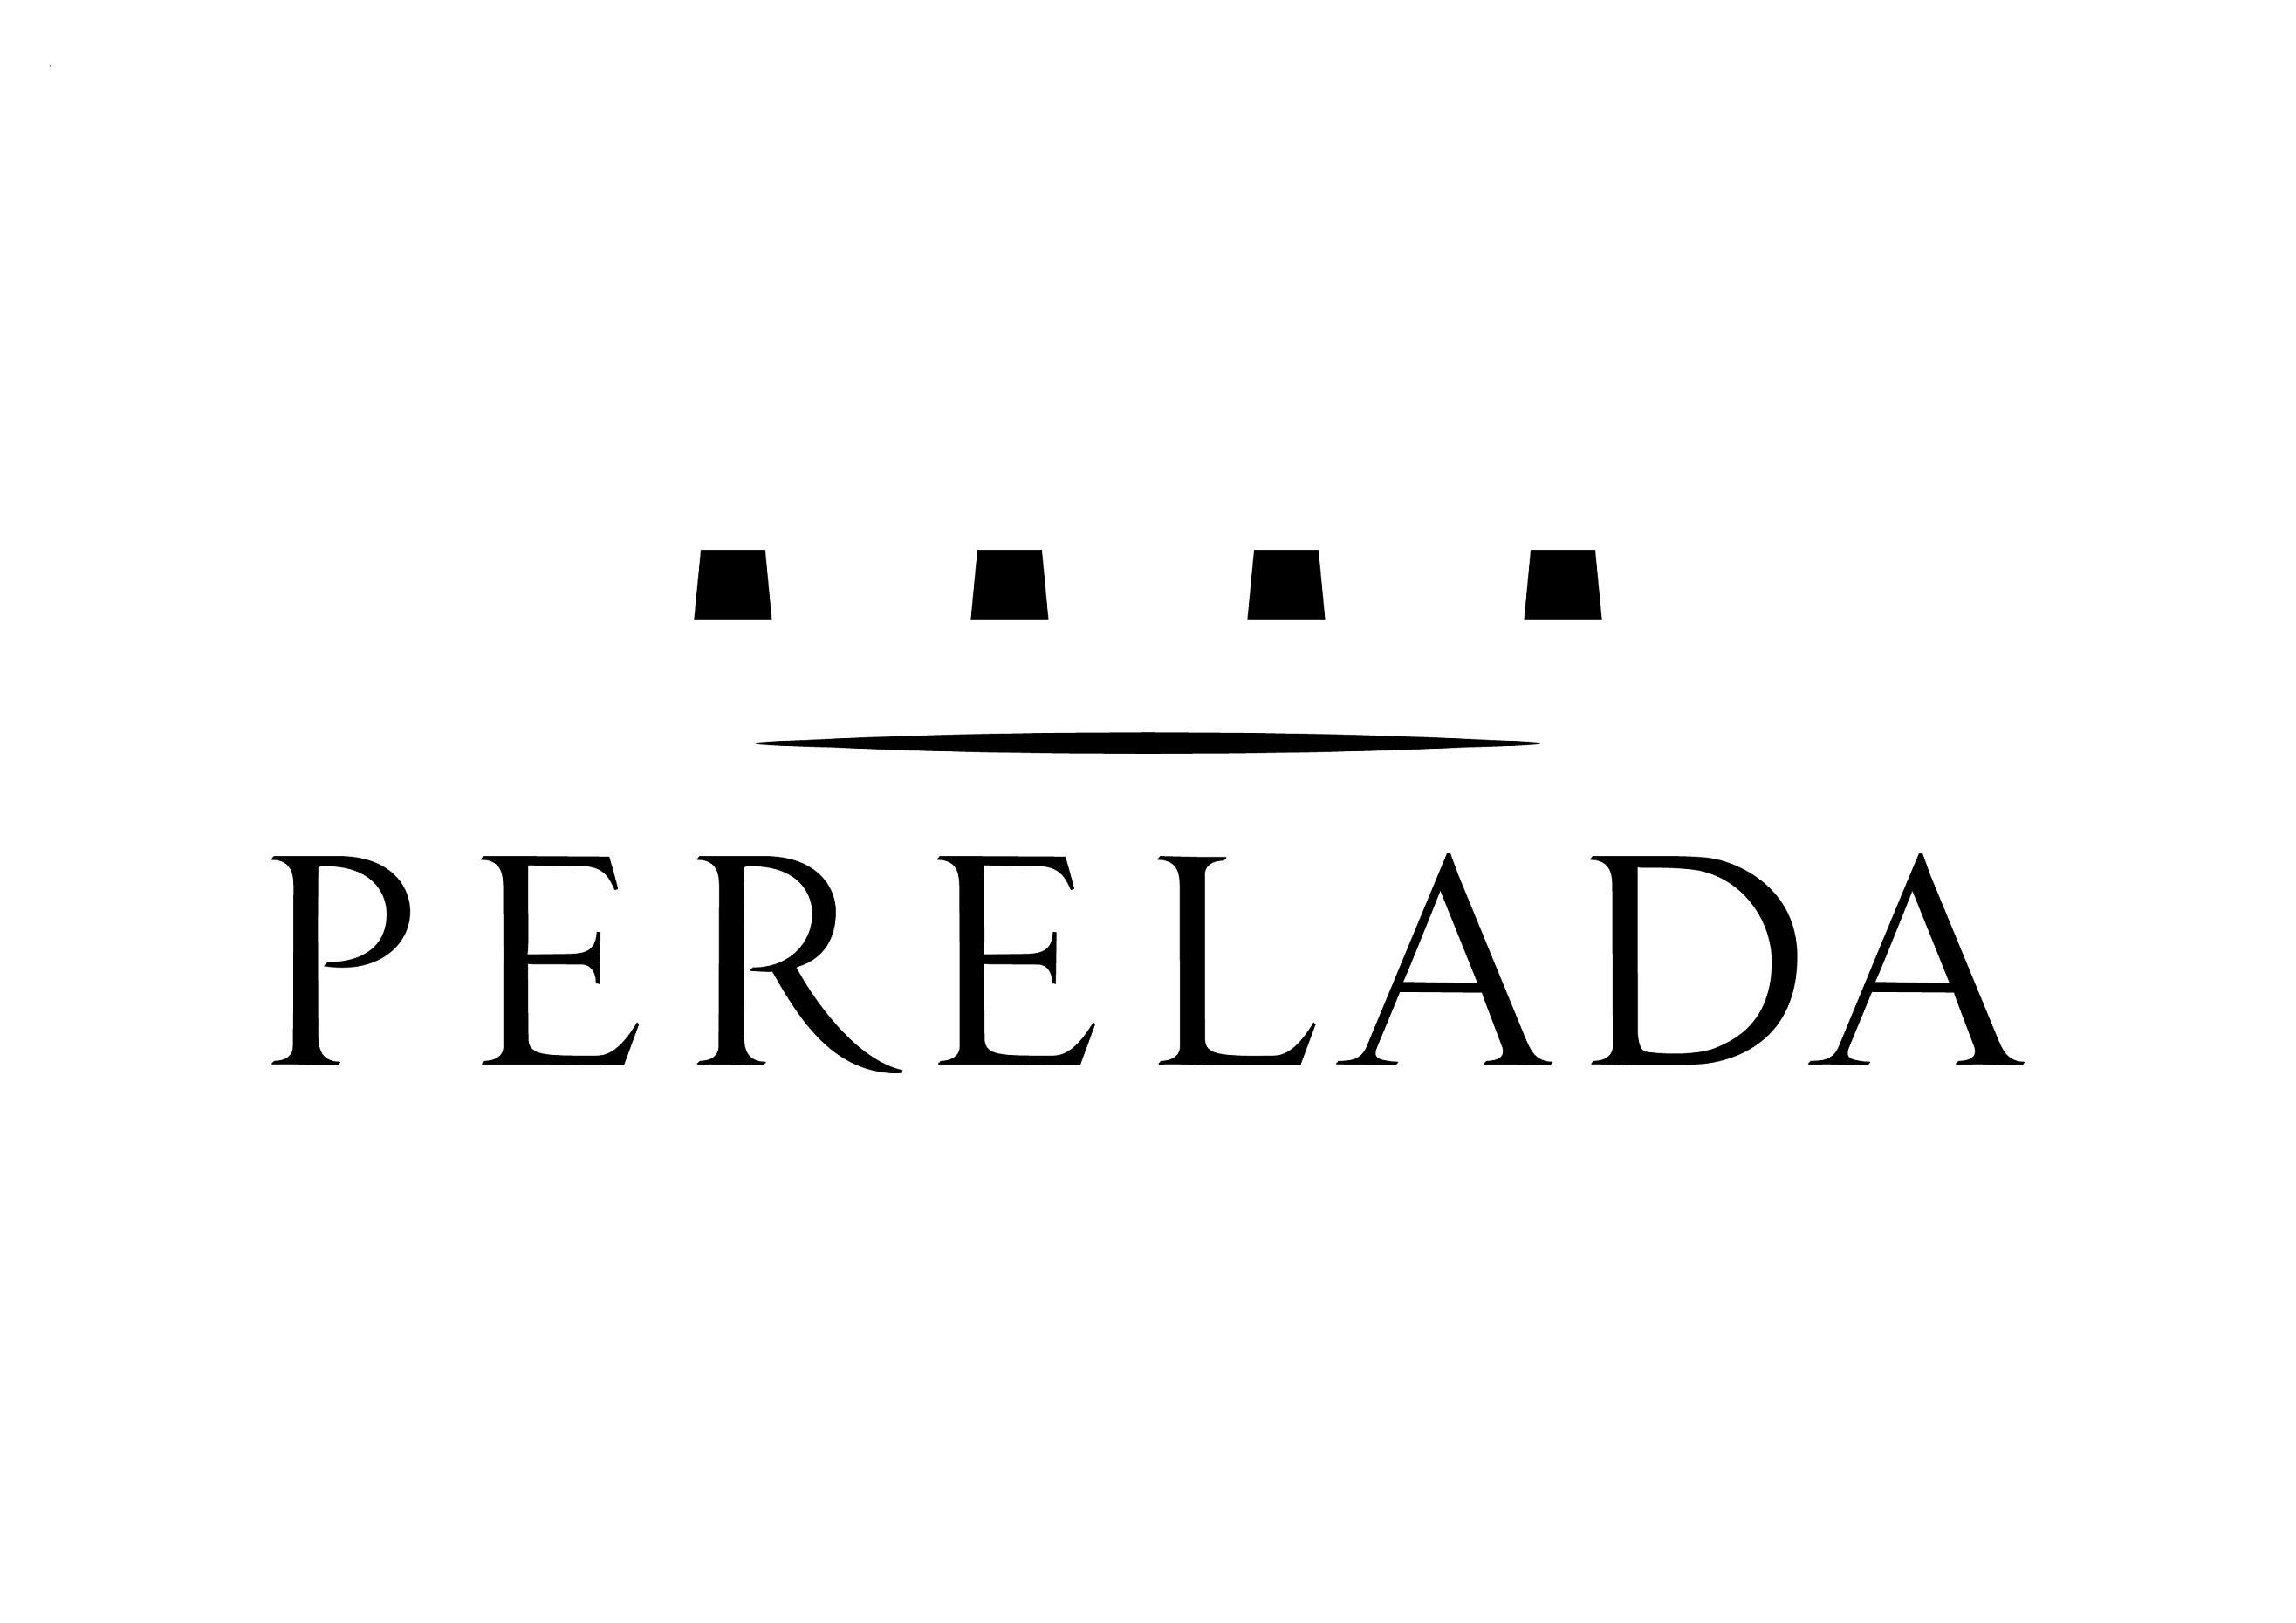 Perelada